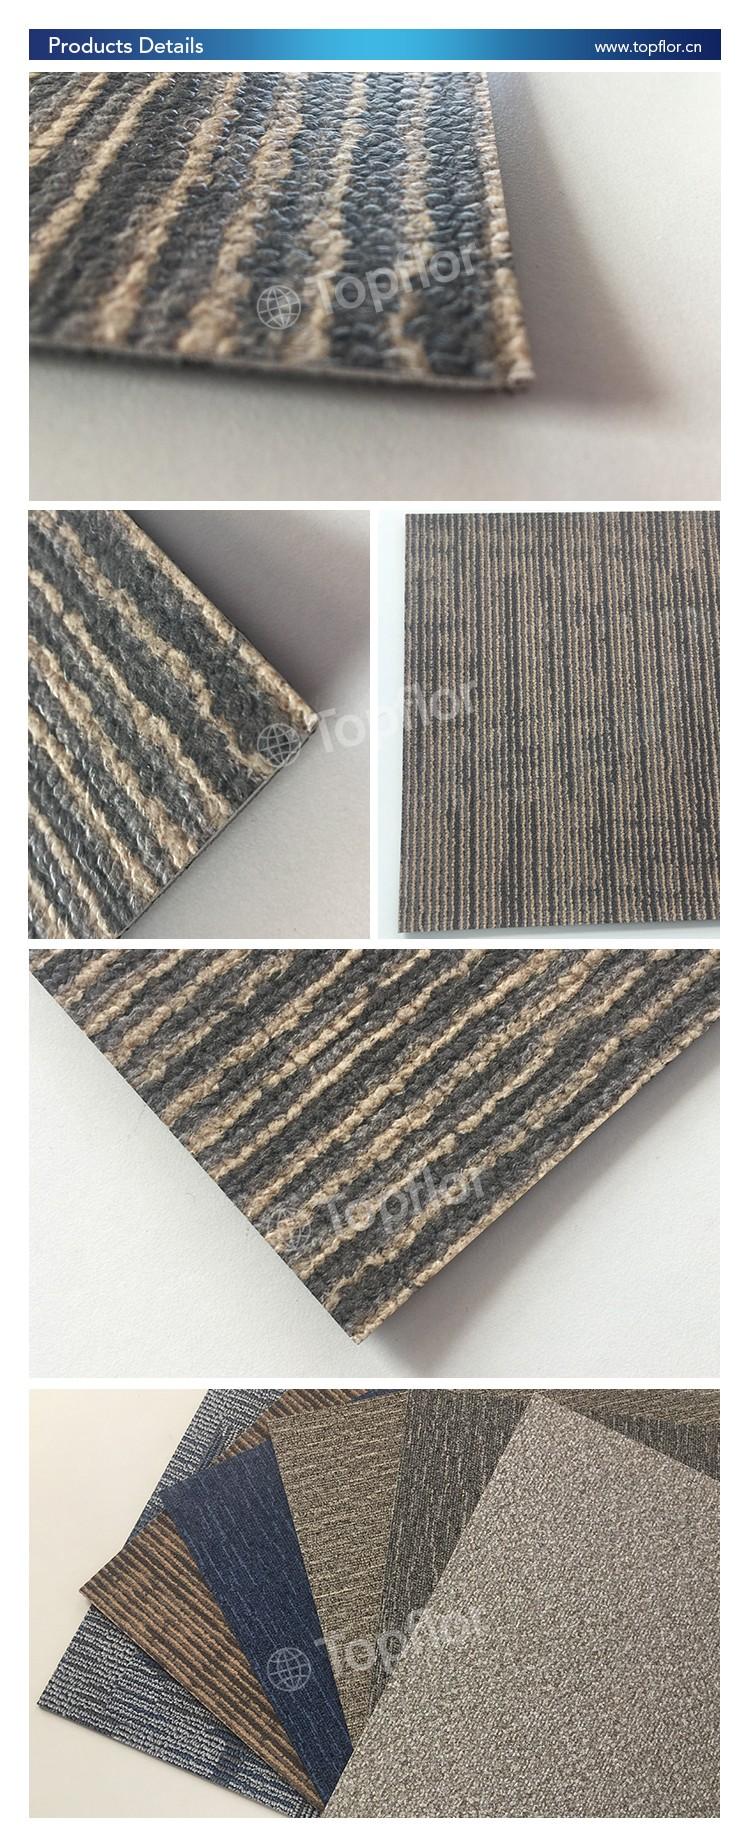 Pvc Waterproof Flooring : Best price pvc flooring waterproof d vinyl floor tile